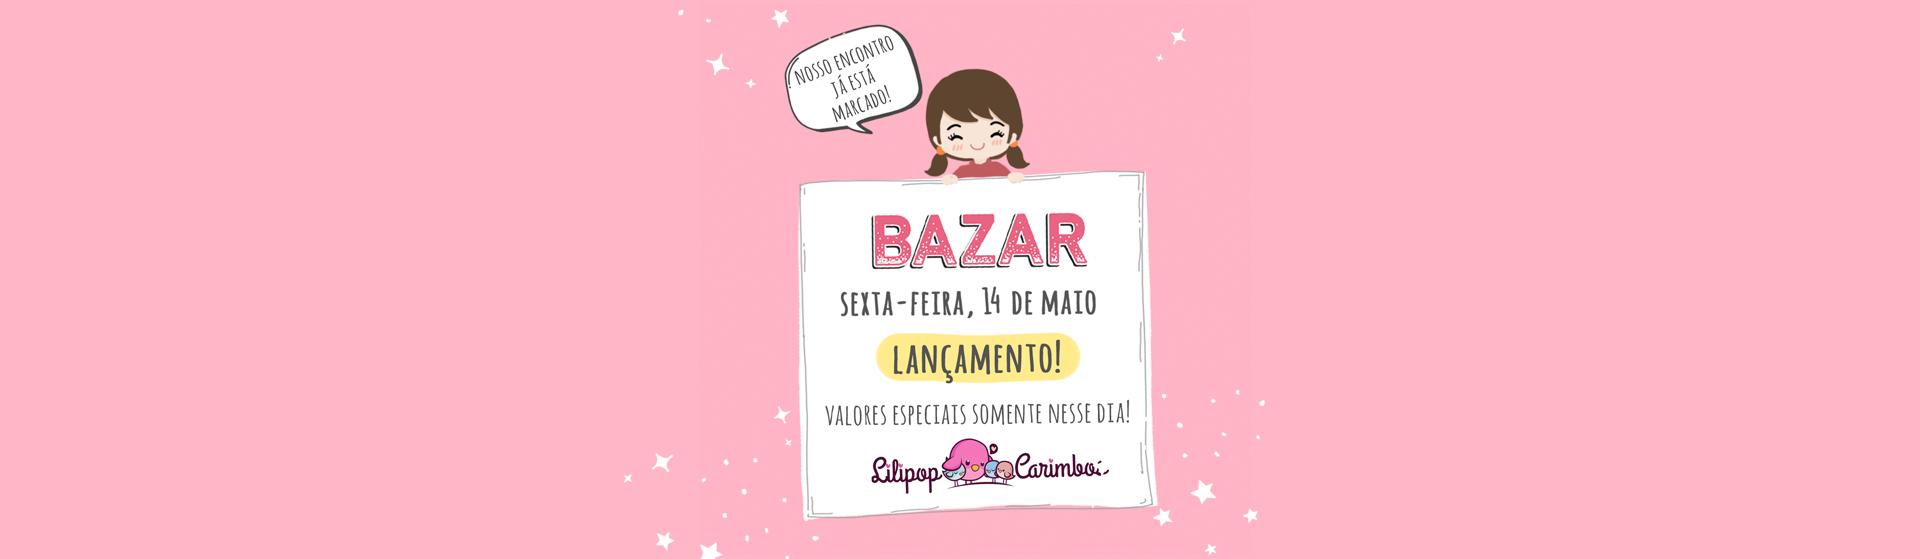 https://www.lilipopcarimbos.com.br/semana-do-consumidor